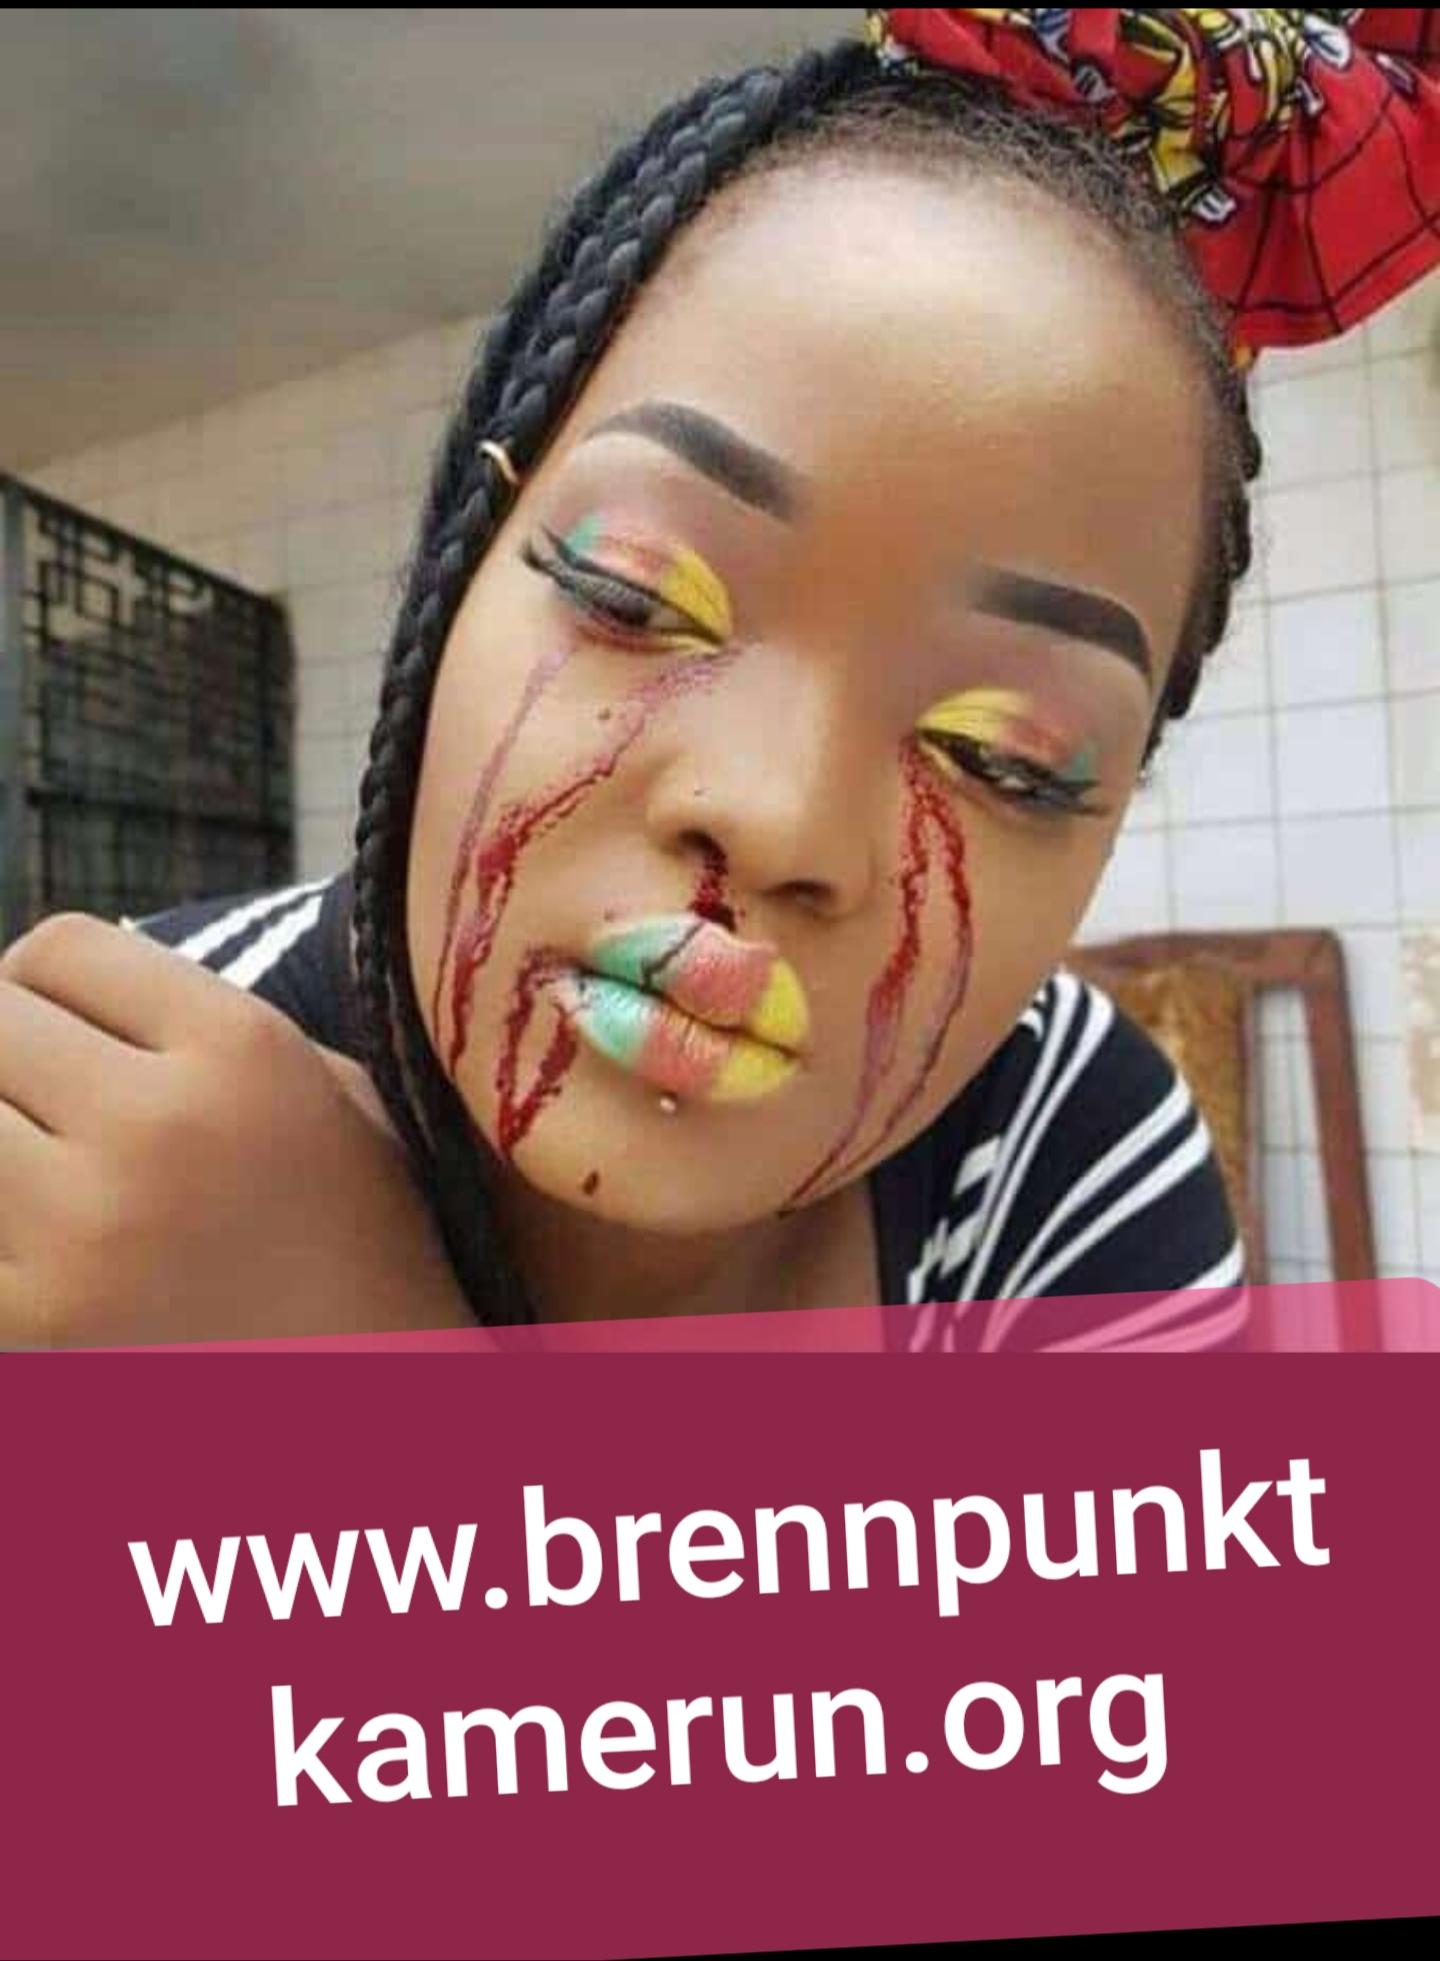 Frieden durch Gerechtigkeit in Kamerun